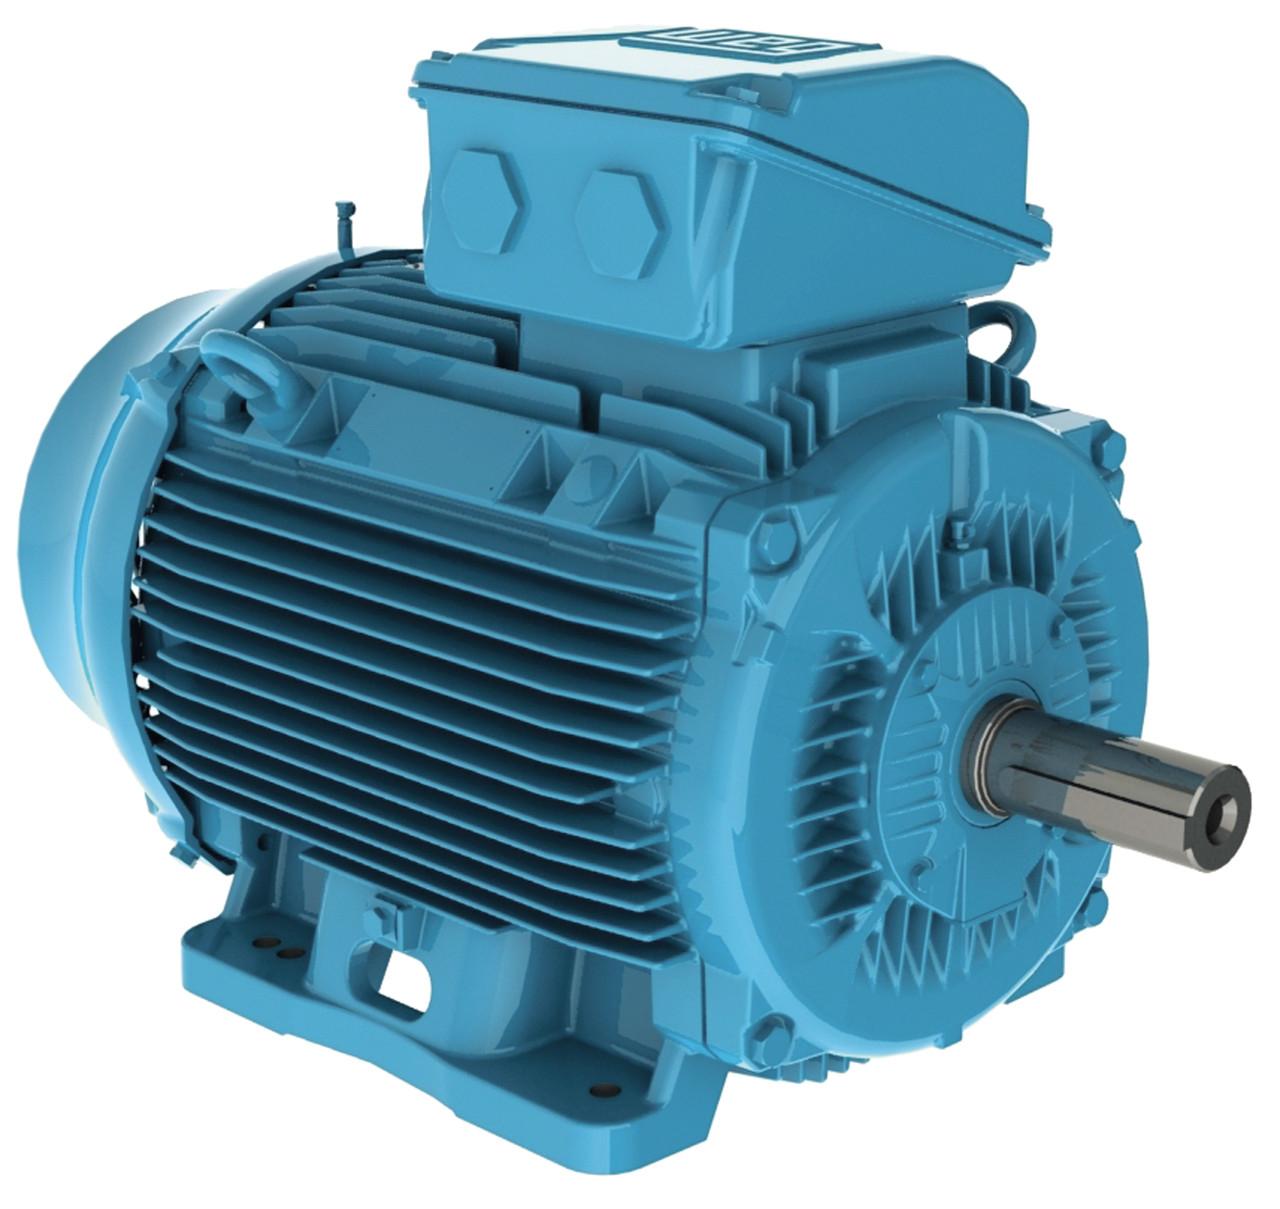 Электродвигатель W22-132S 7,5kw 2Pol B3T, 380-415/660-690, 50Hz, IE1, IP55, Std